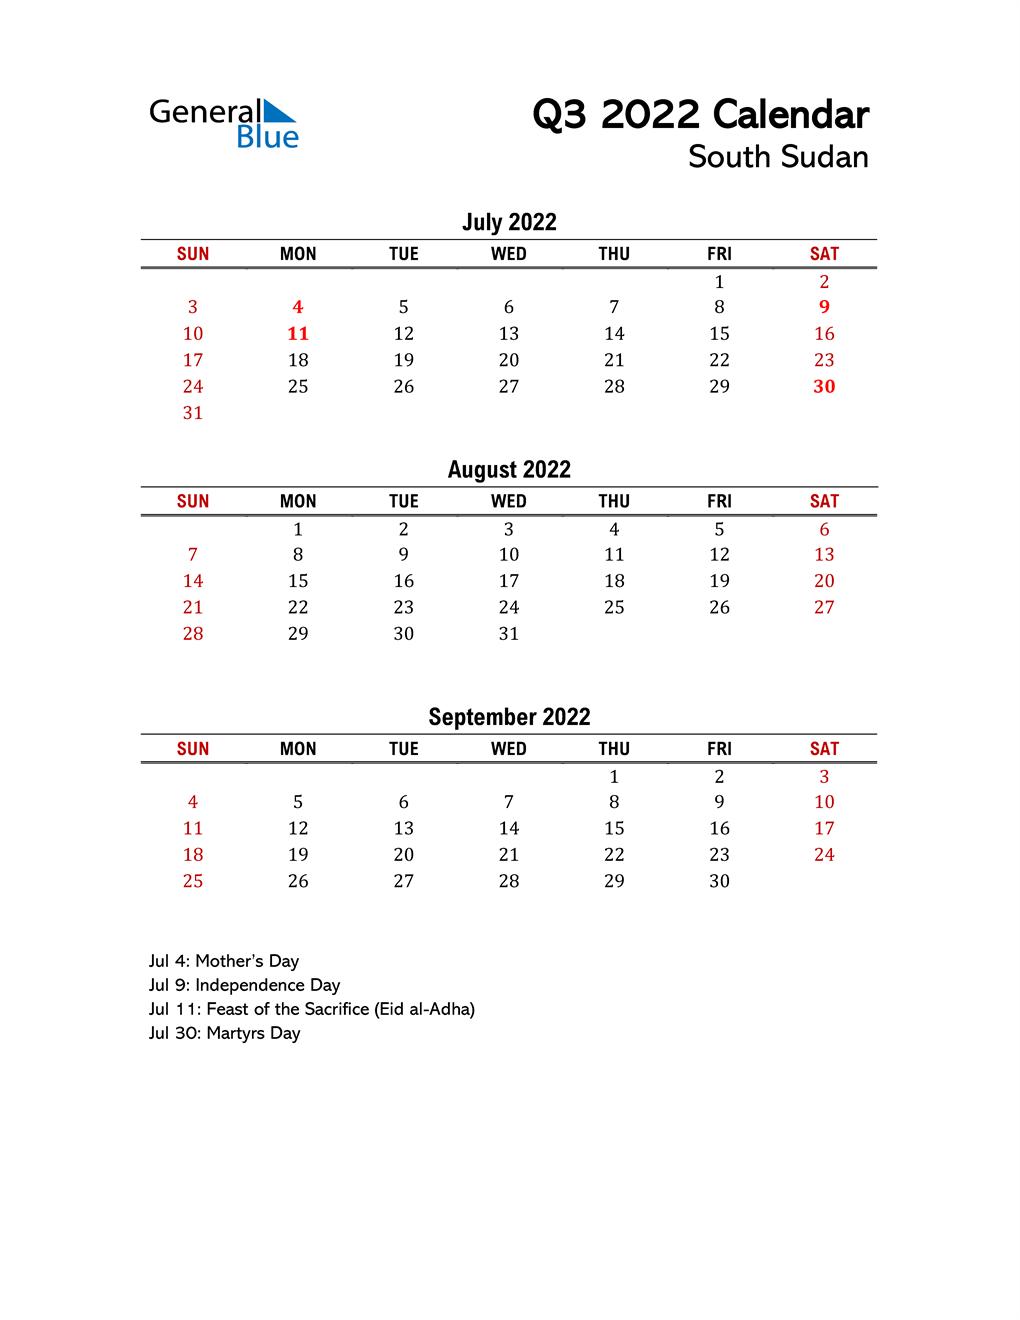 2022 Q3 Calendar with Holidays List